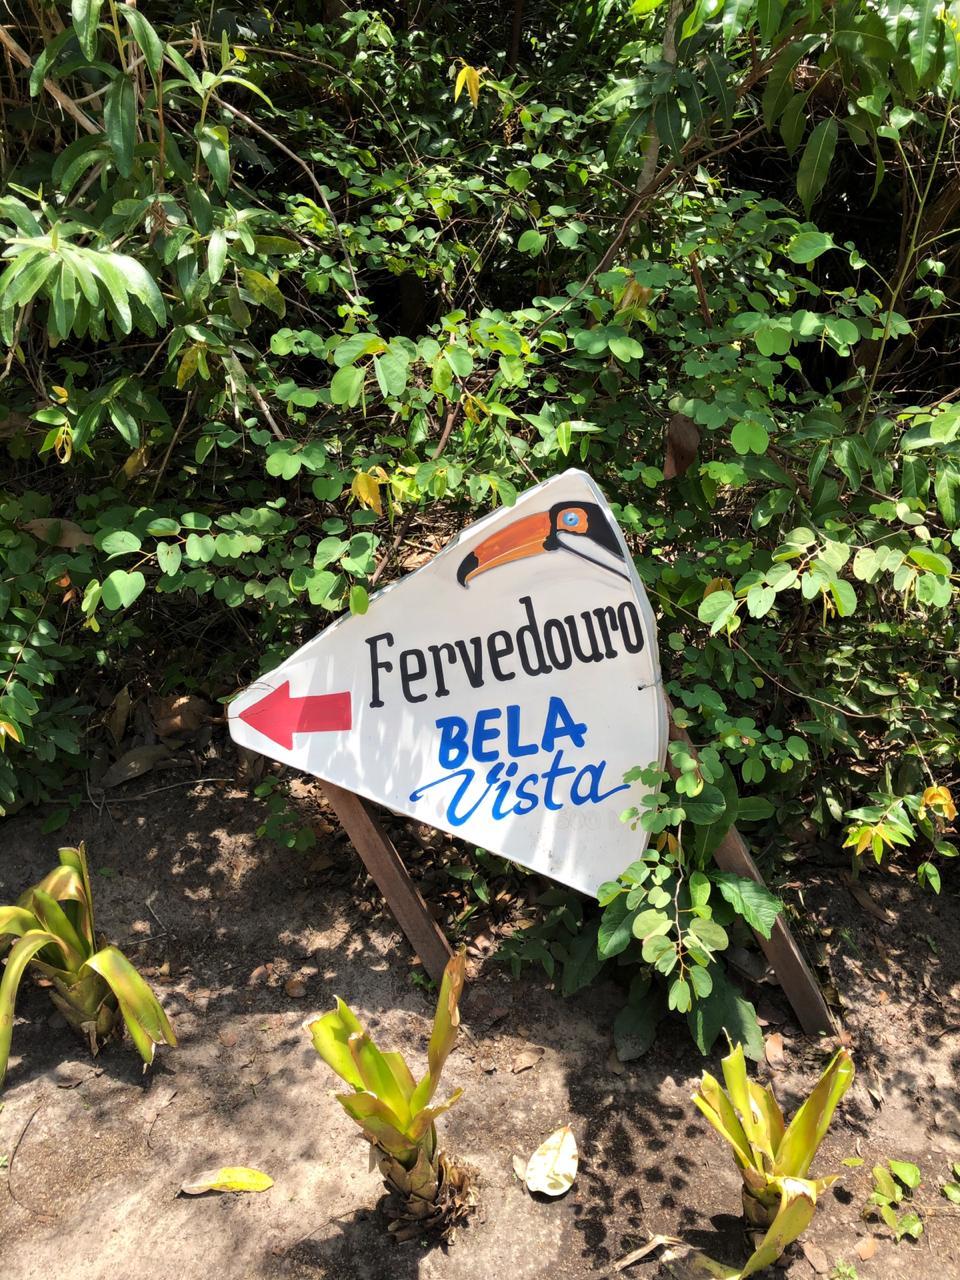 Chegada no Fervedouro Bela Vista - Jalapão